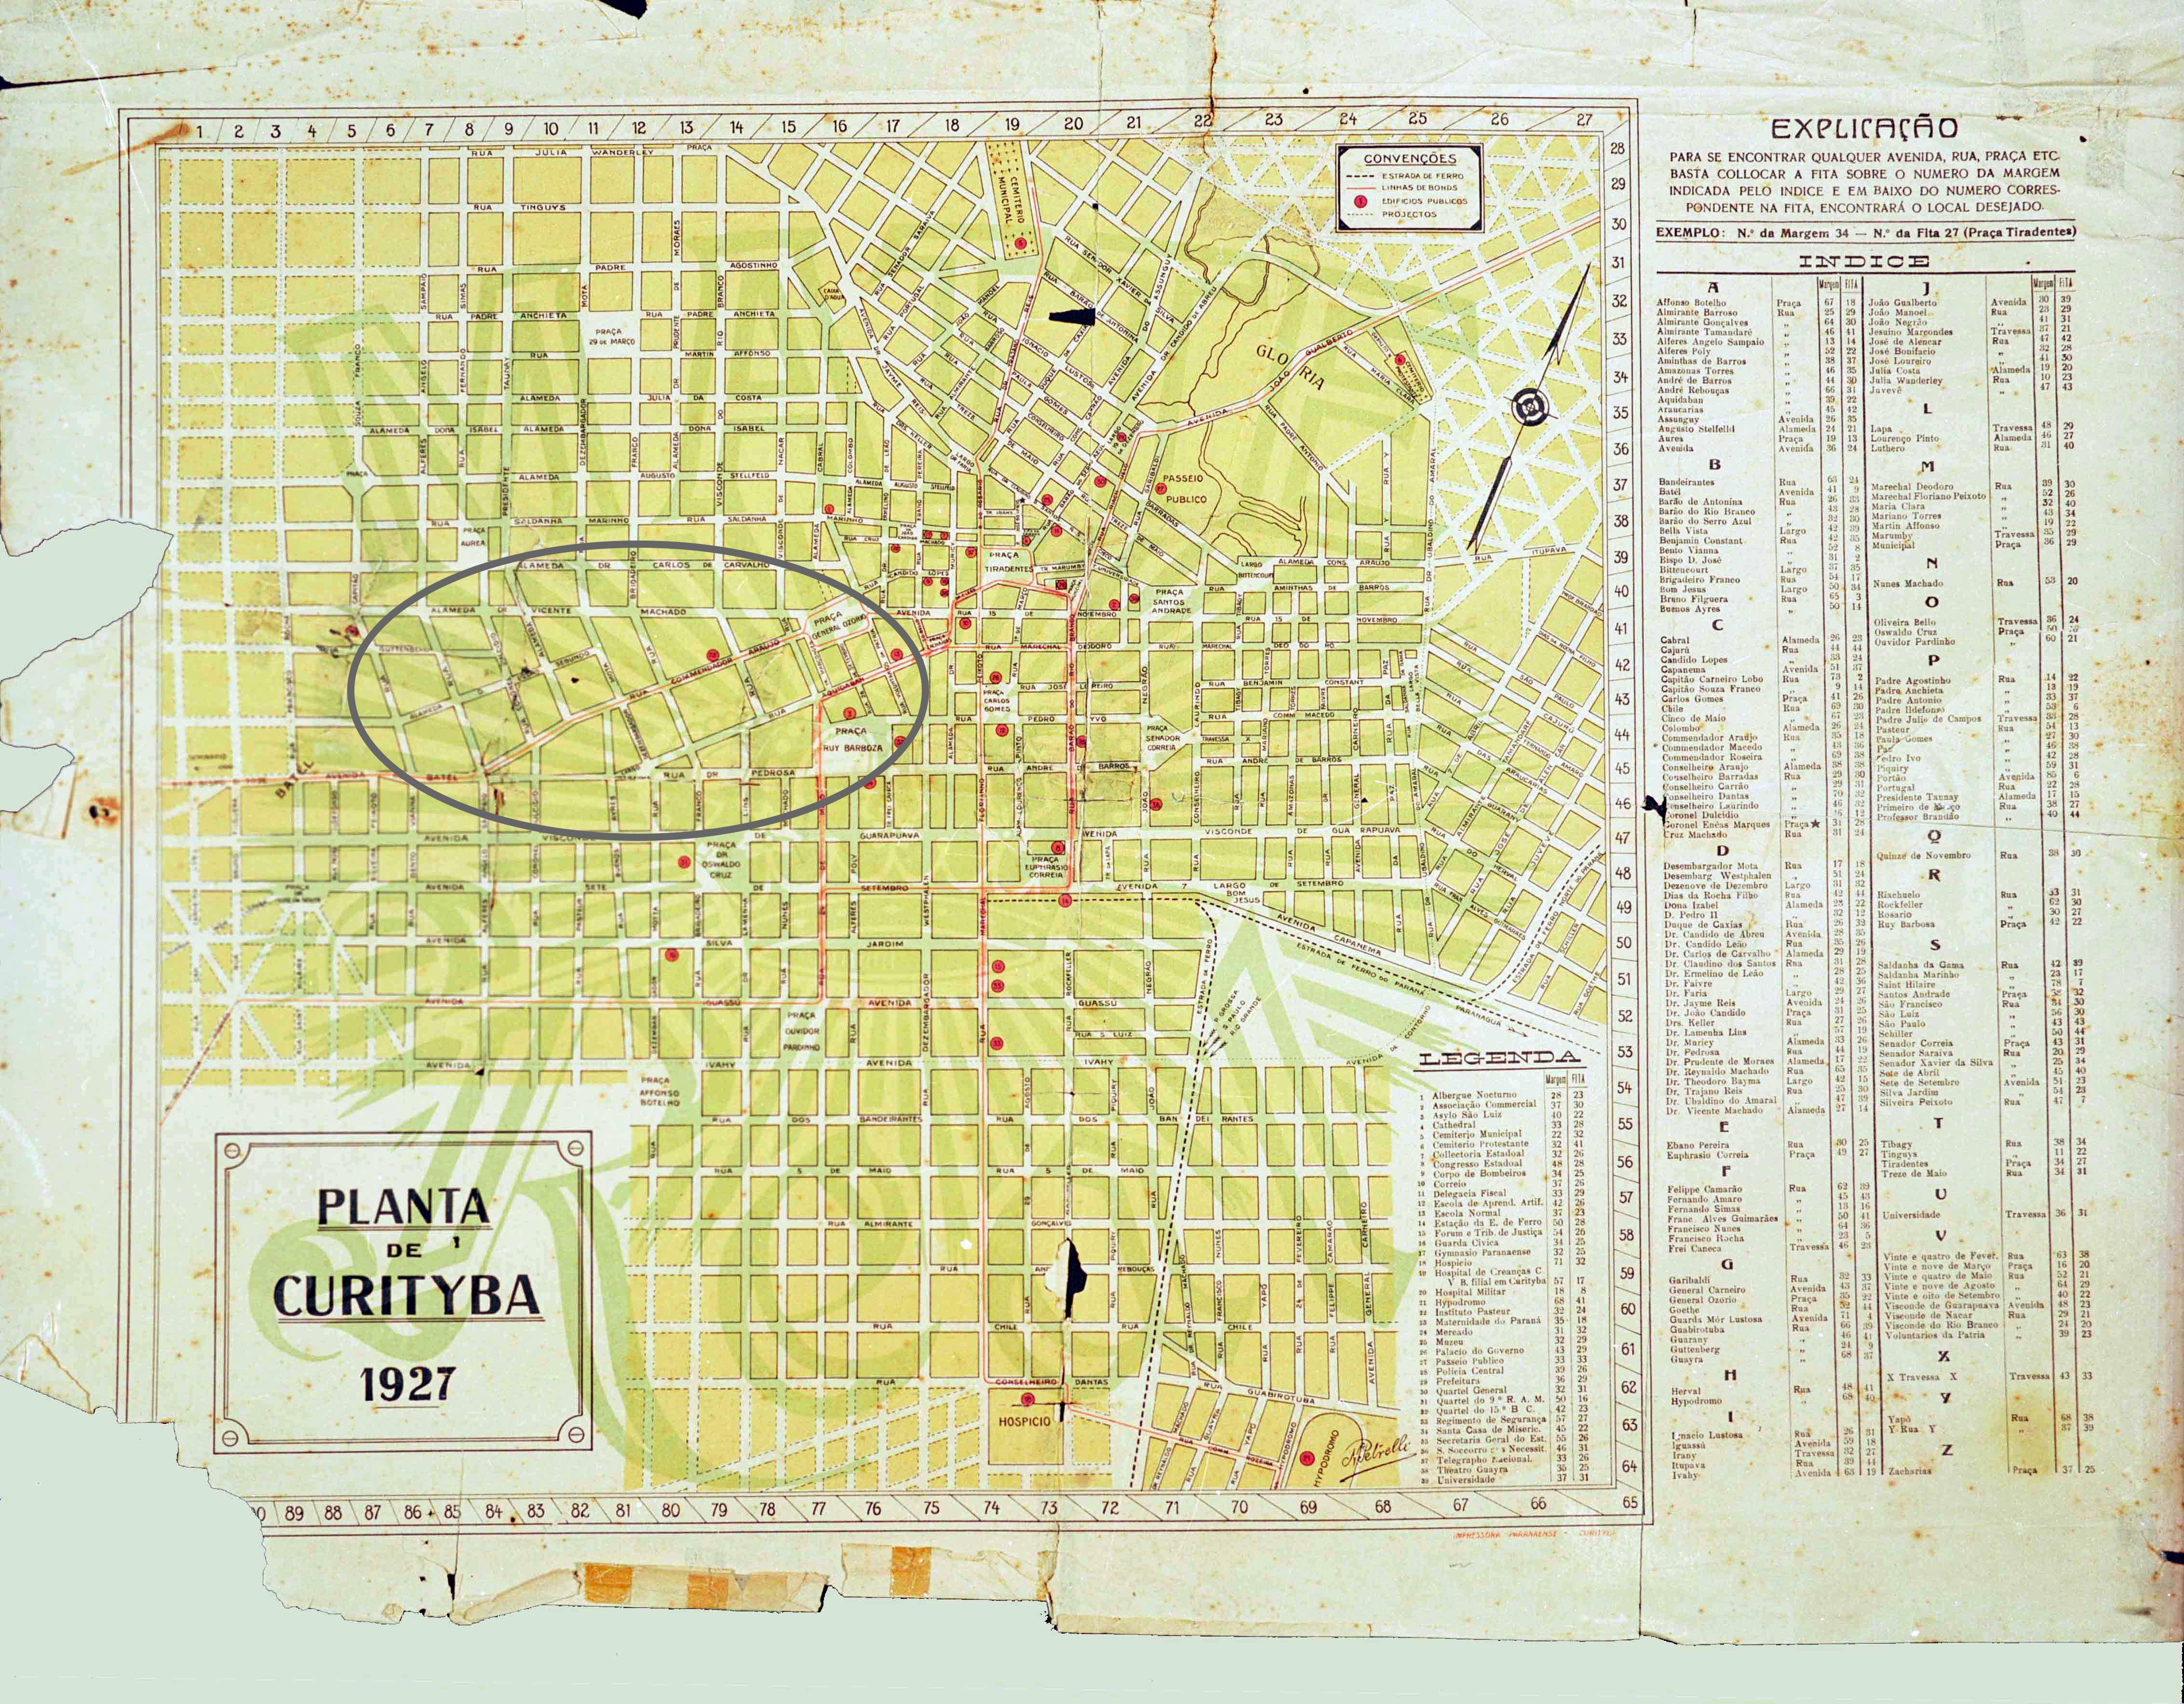 Mapa de Curitiba de 1927, com destaque para a localização da Rua Comendador Araújo. O detalhe permite visualizar que esta via está completamente integrada à malha urbana de Curitiba.